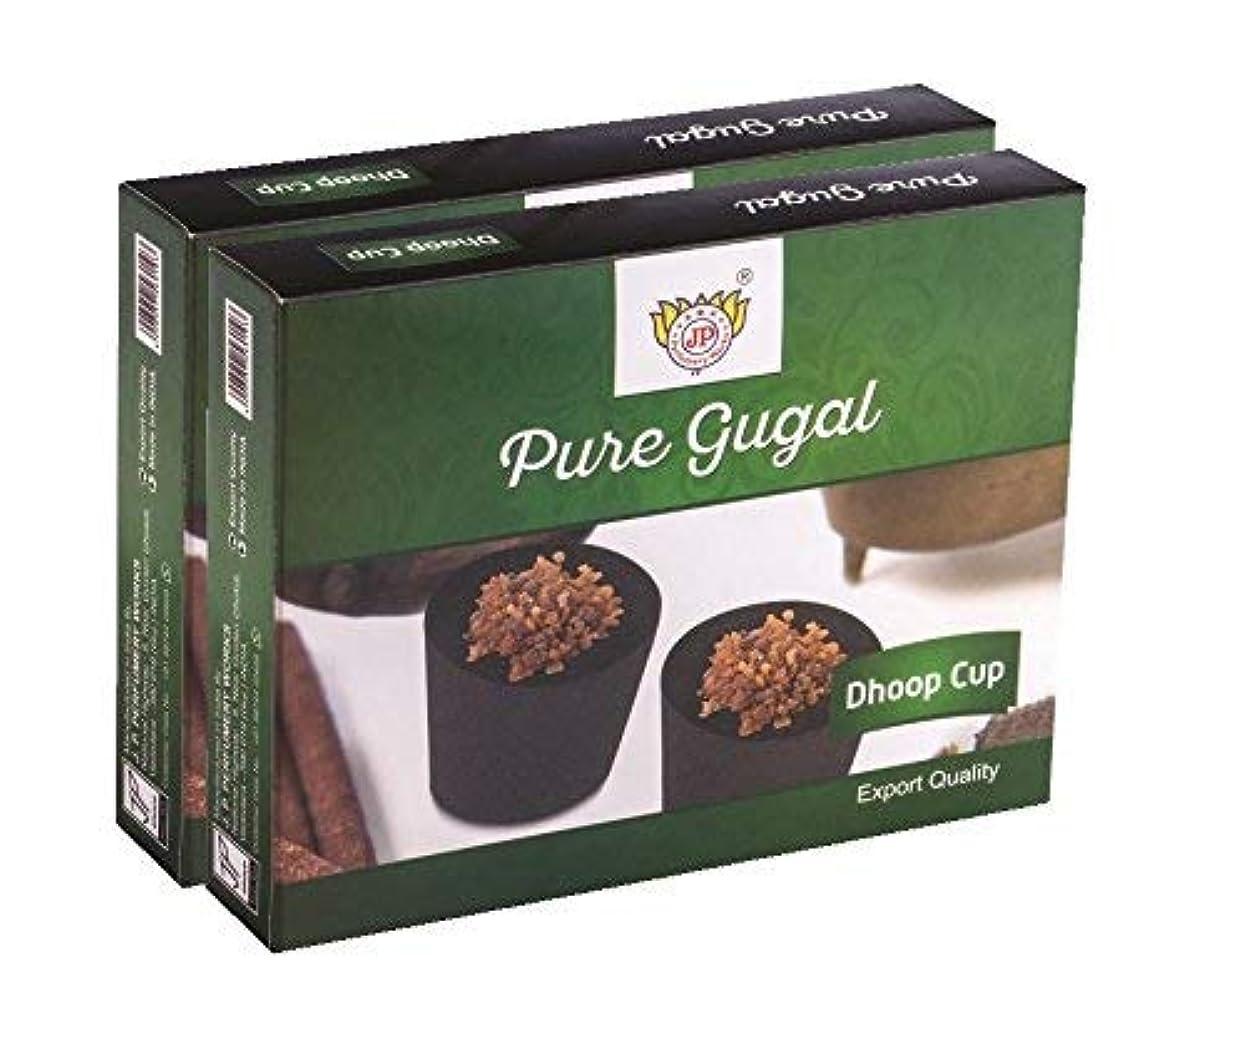 上がる高音守銭奴J.P.Perfumery Works Rosewood Gugal Dhoop Cup (2 Packet)